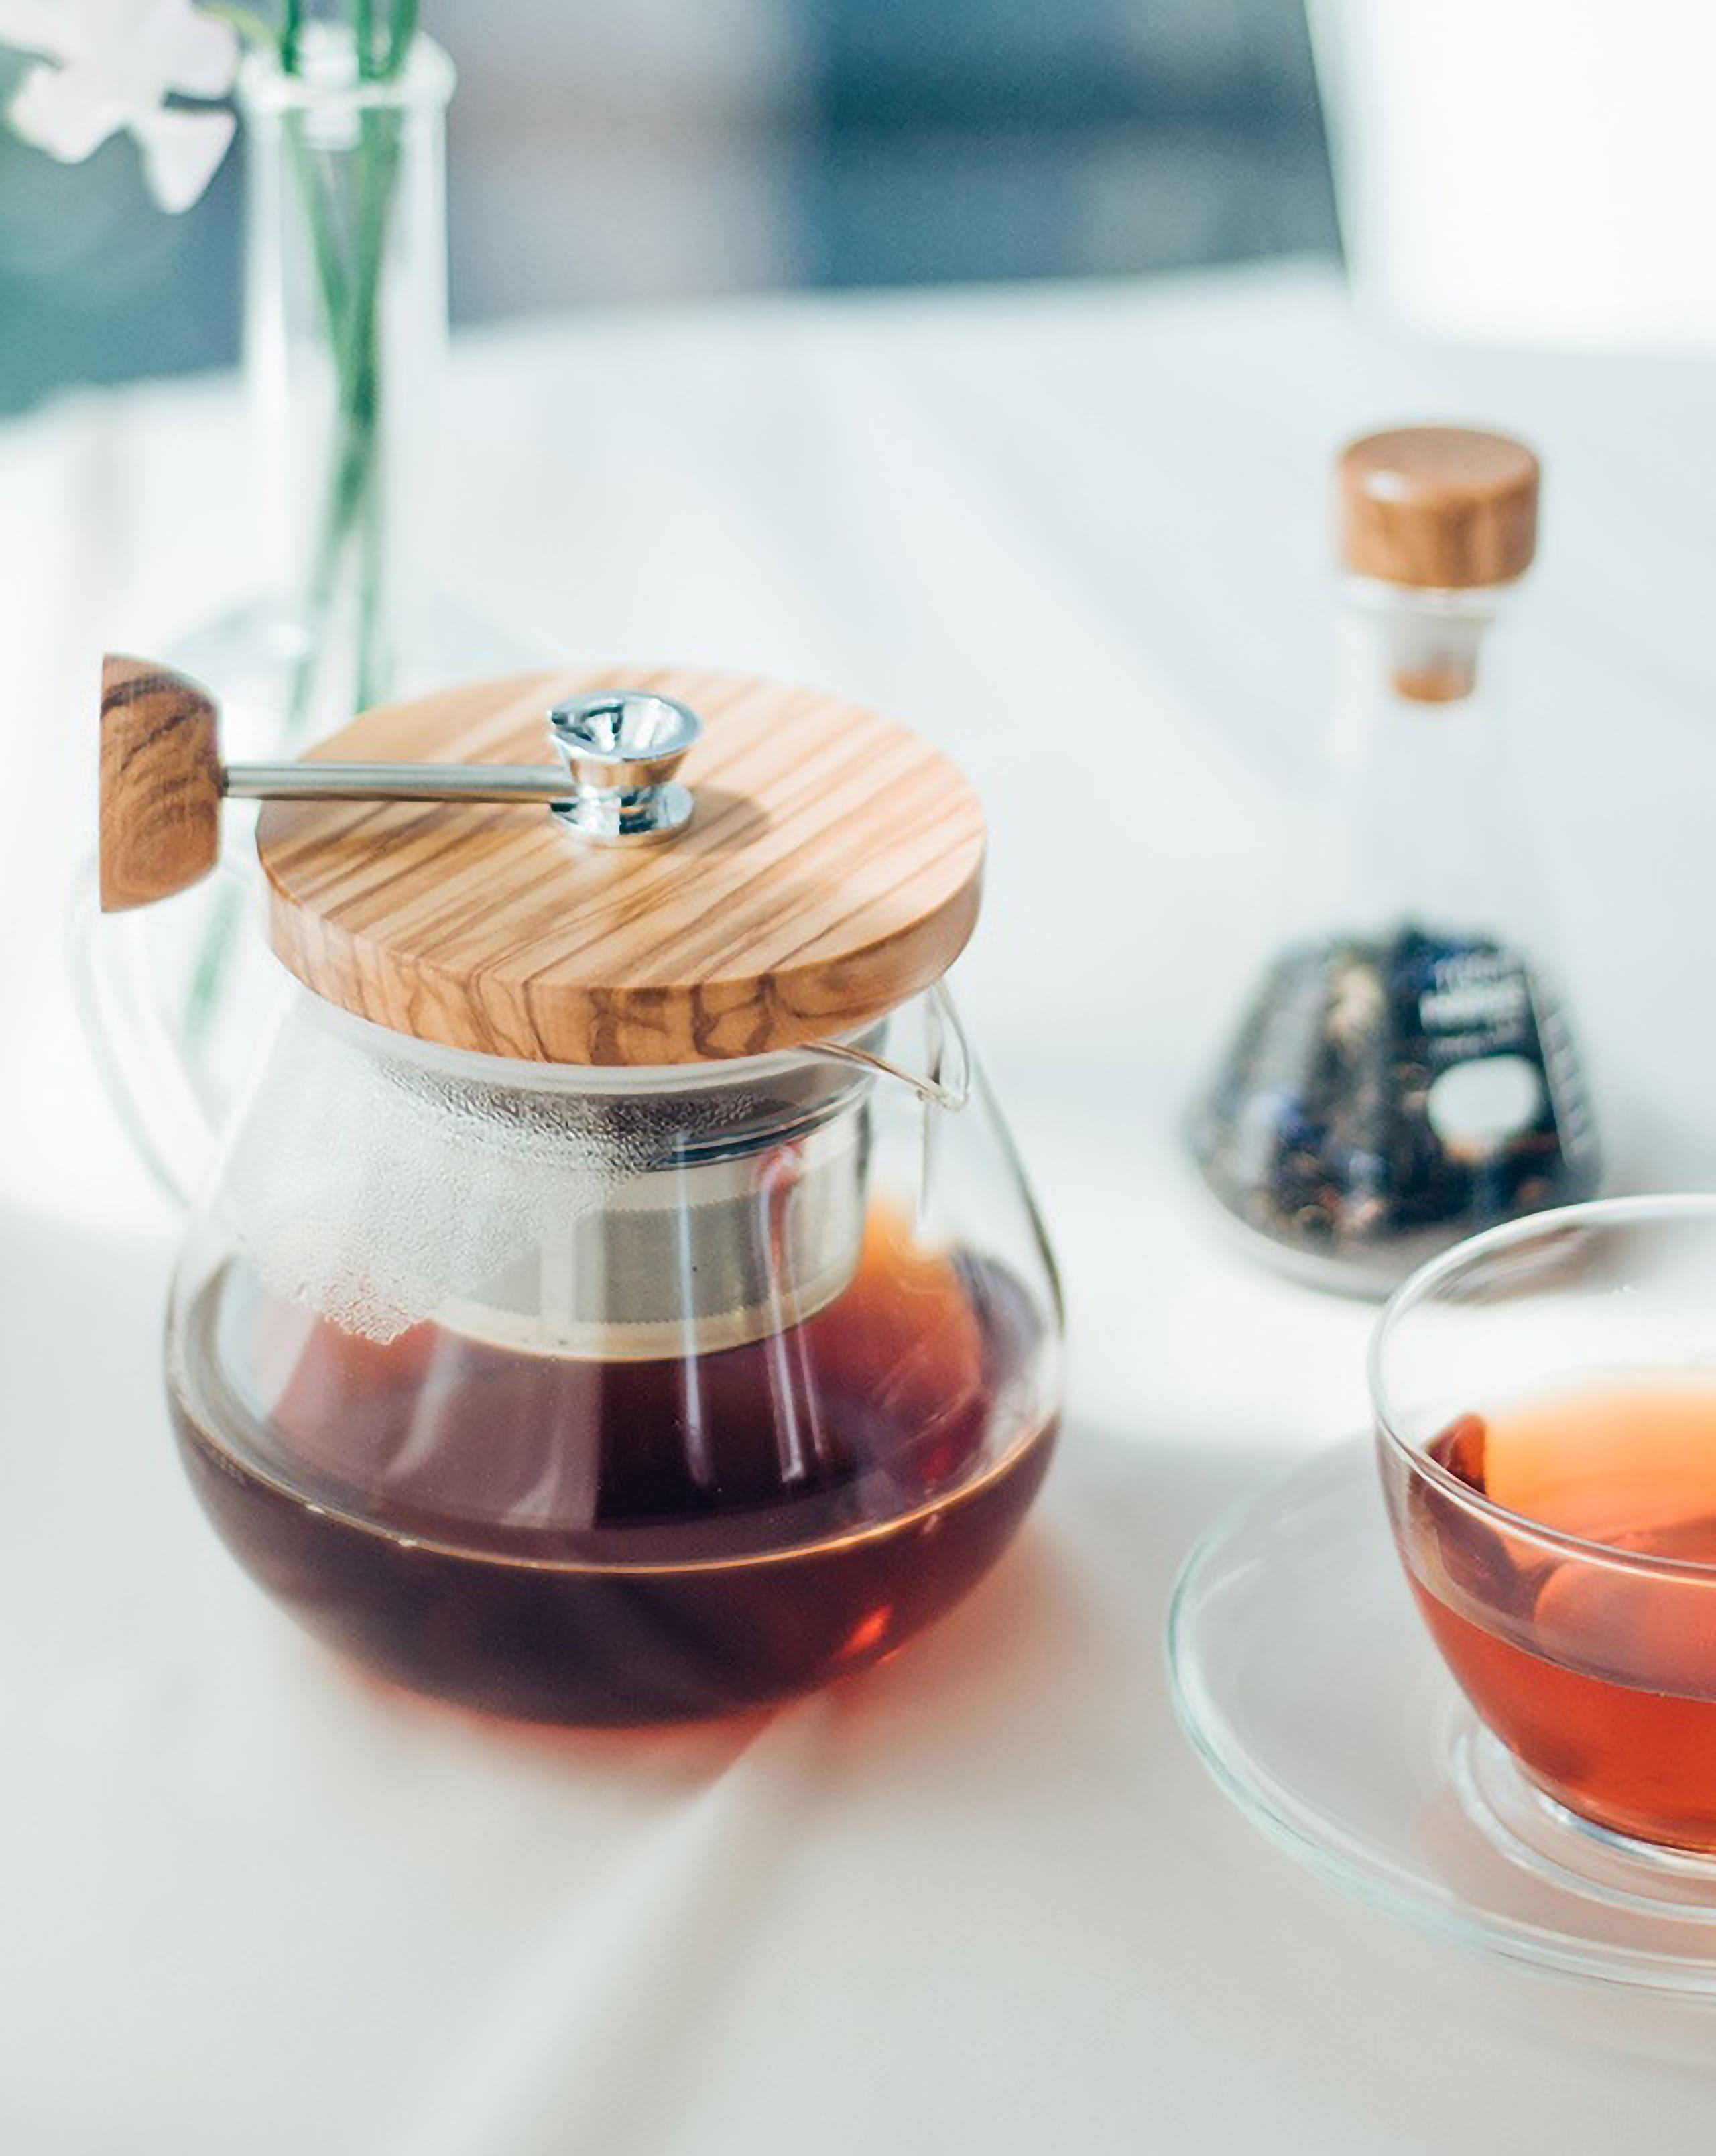 HARIO Tea & kitchen style